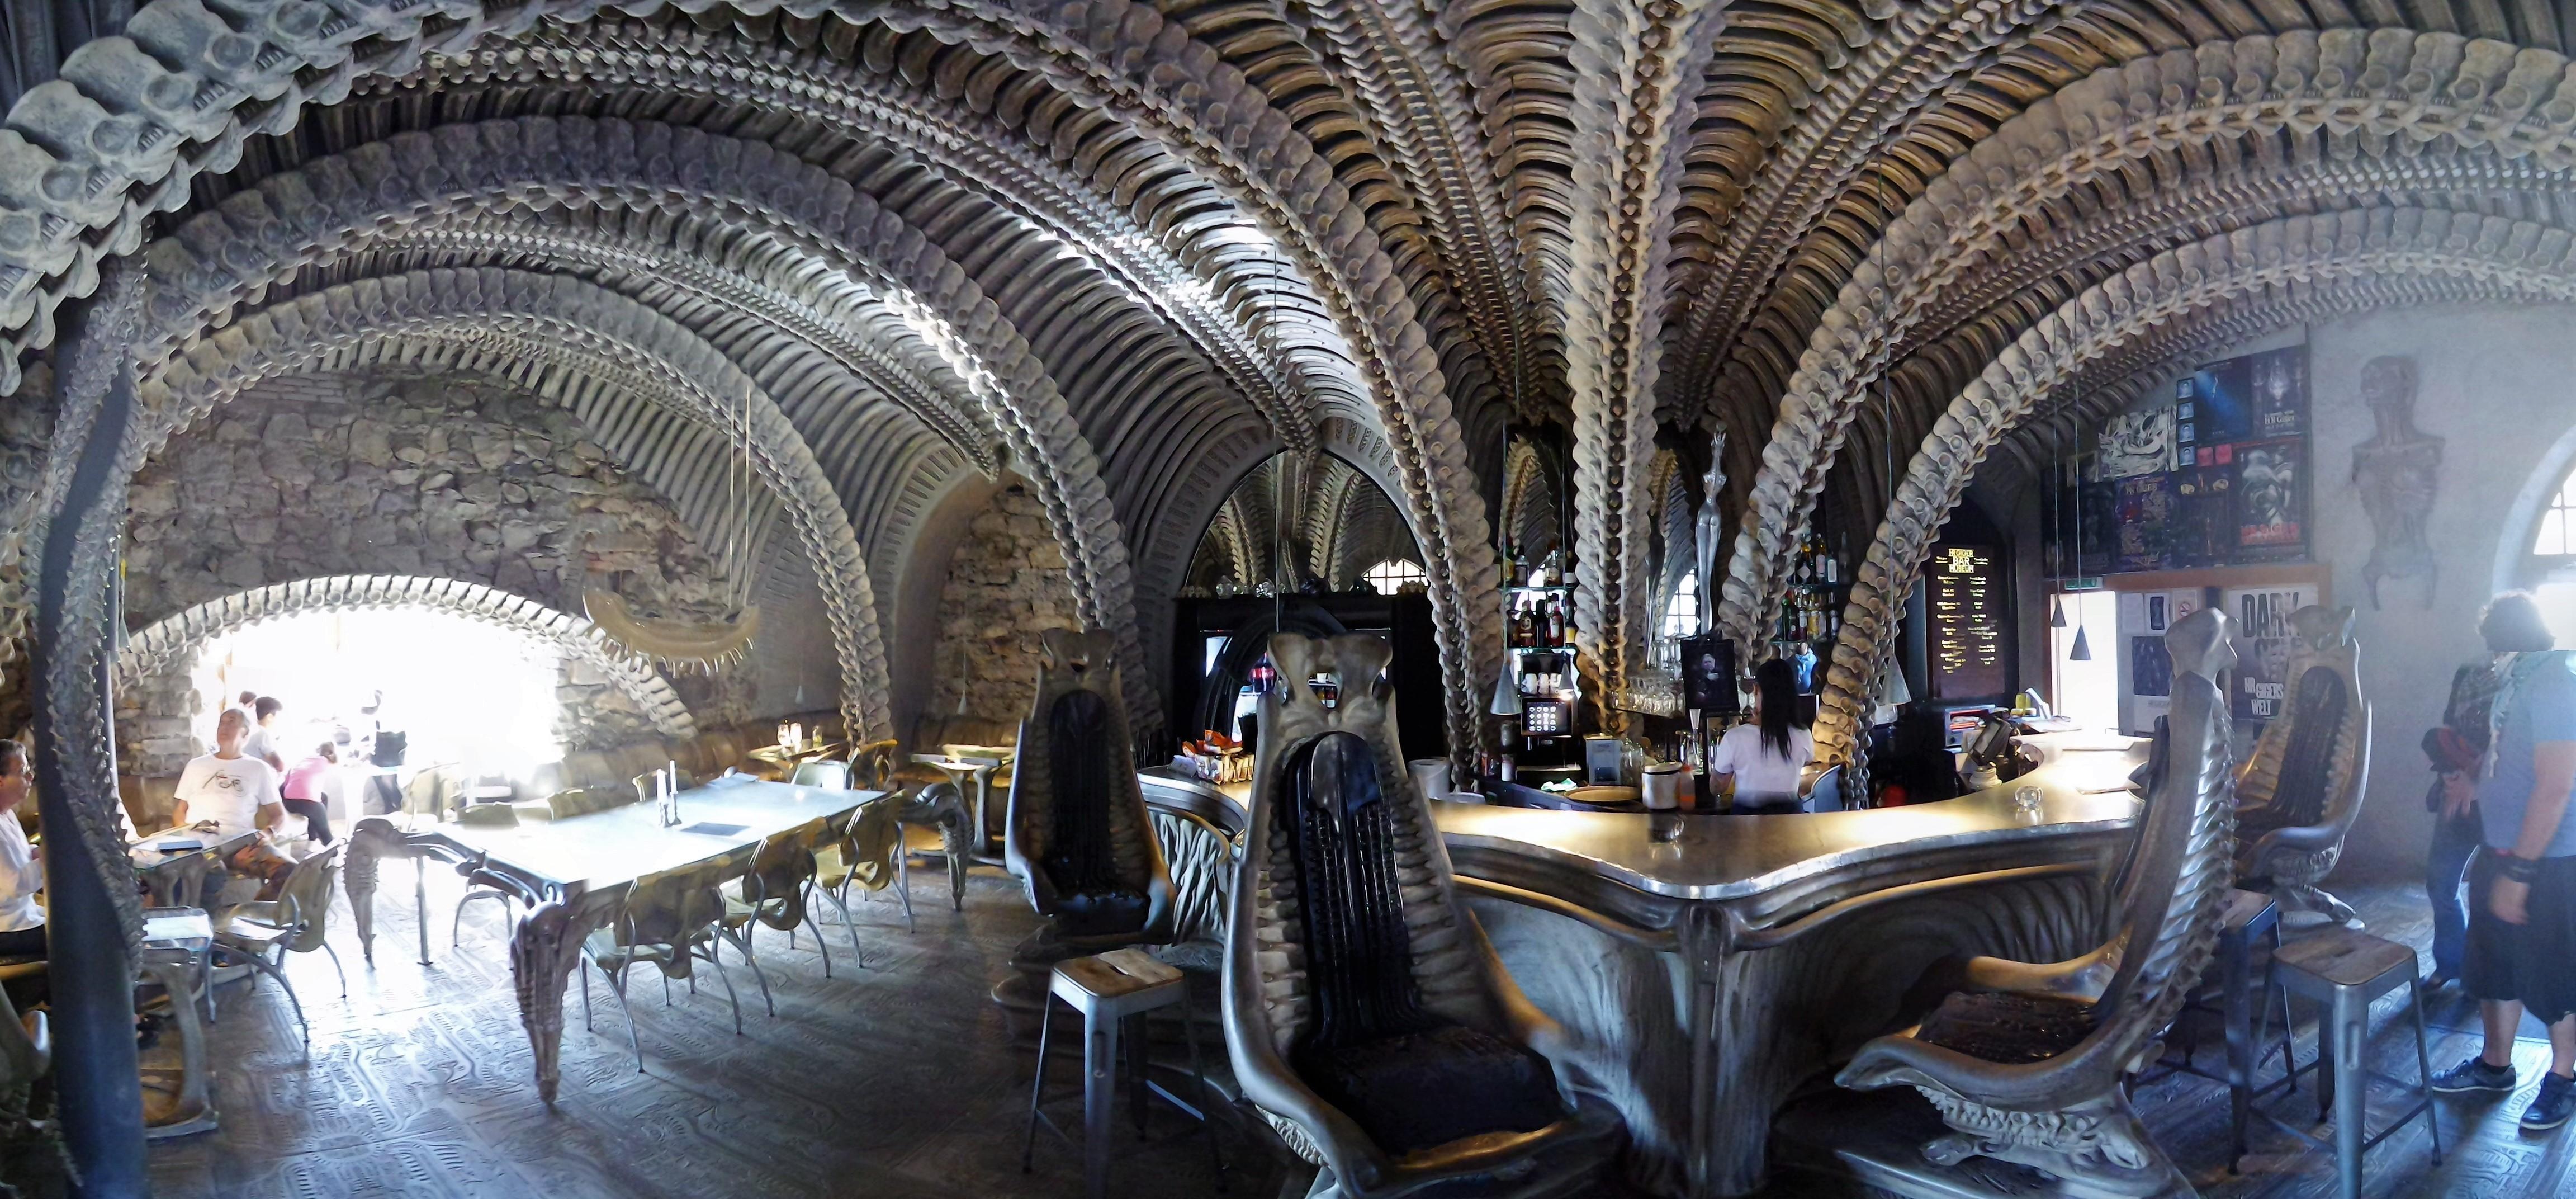 Restaurant Rue H Ef Bf Bdr Ef Bf Bd Nancy